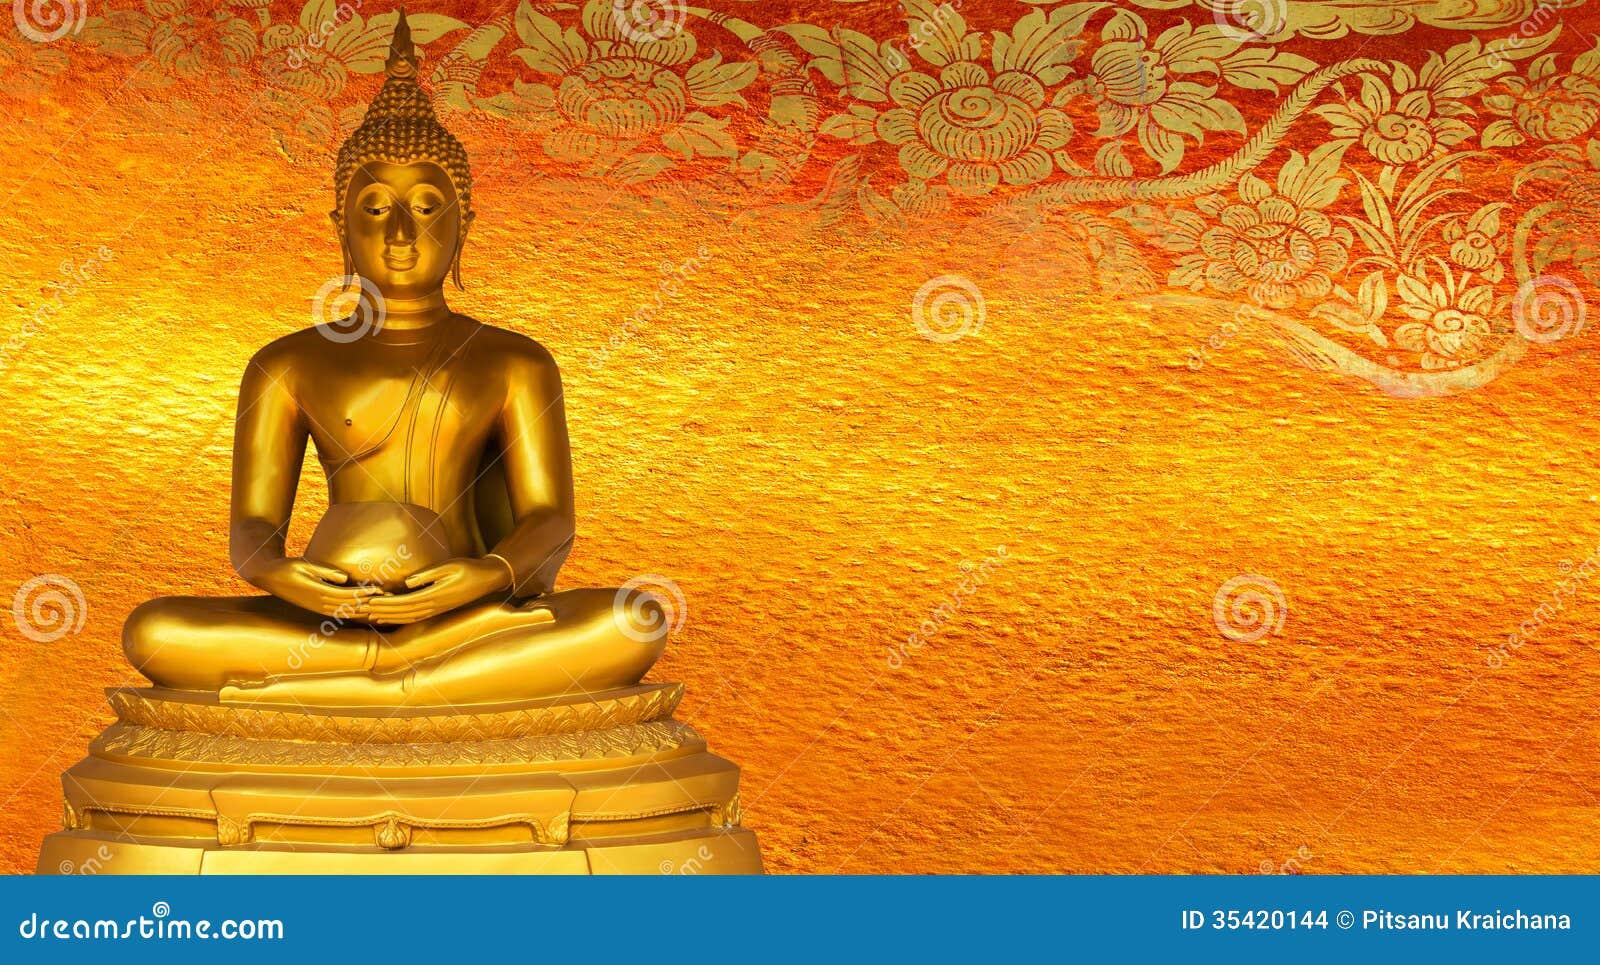 Buddha gold statue golden background patterns Thailand.